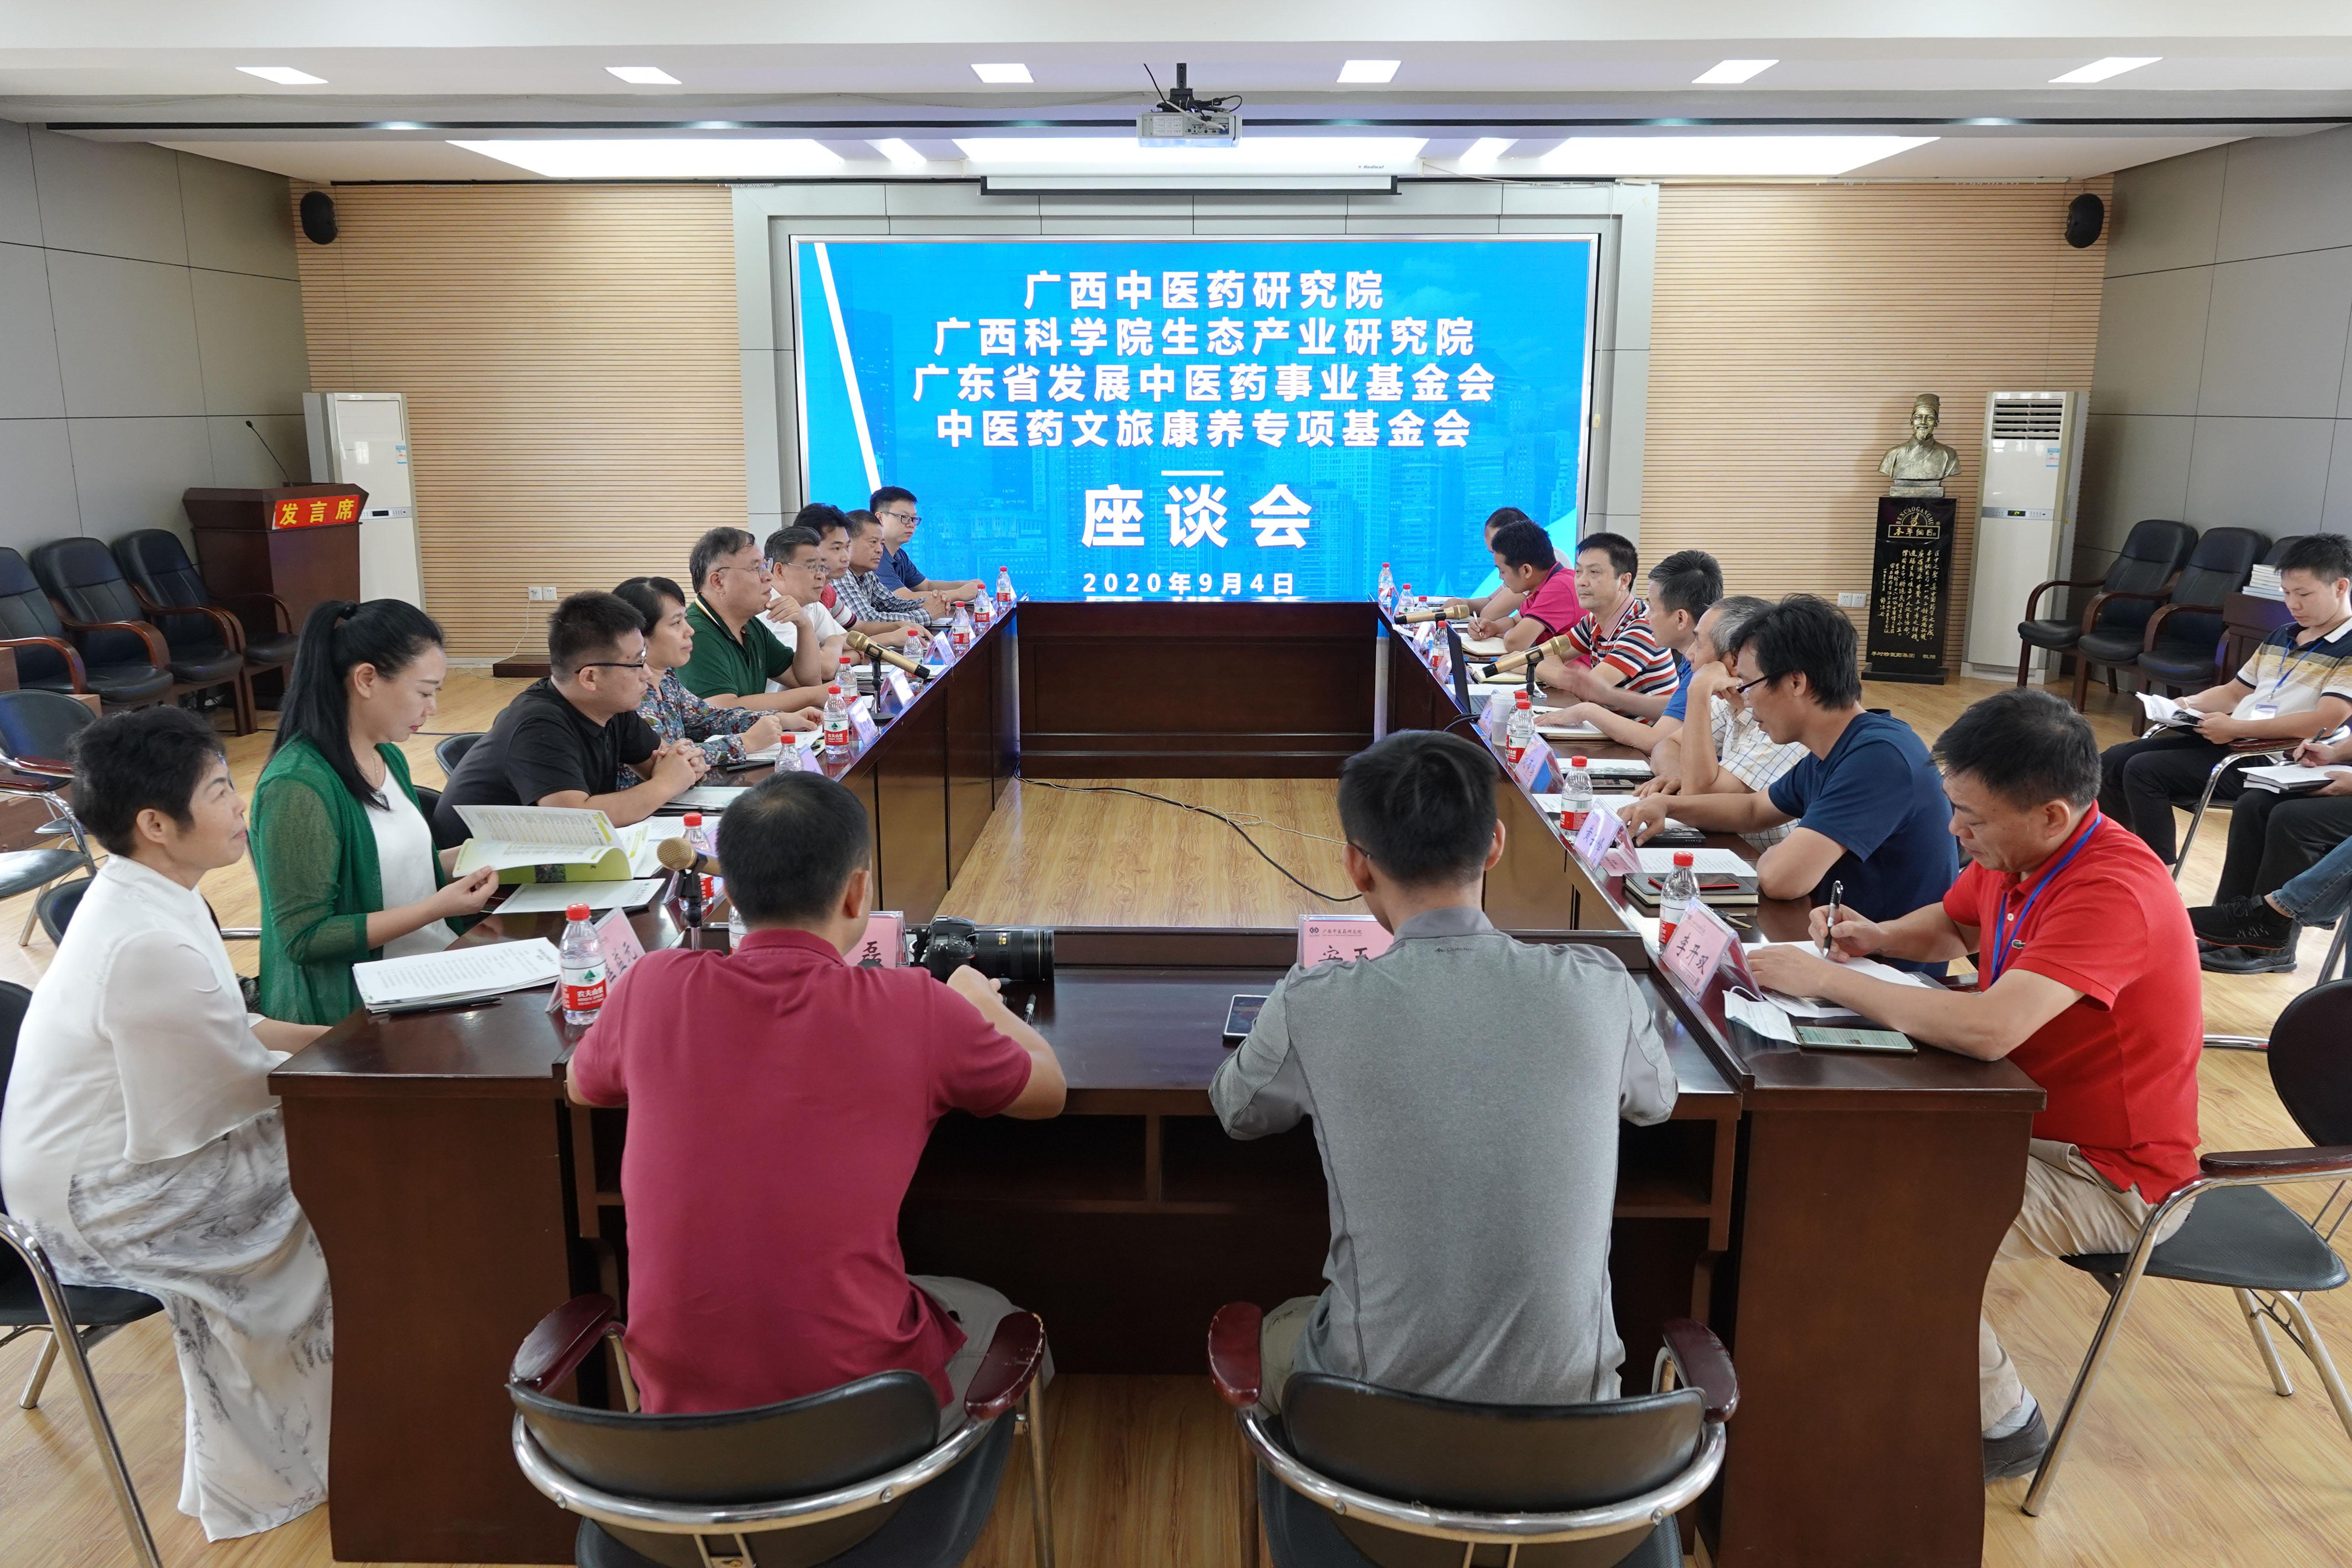 广西科学院生态产业研究院一行至广西中医药研究院交流学习